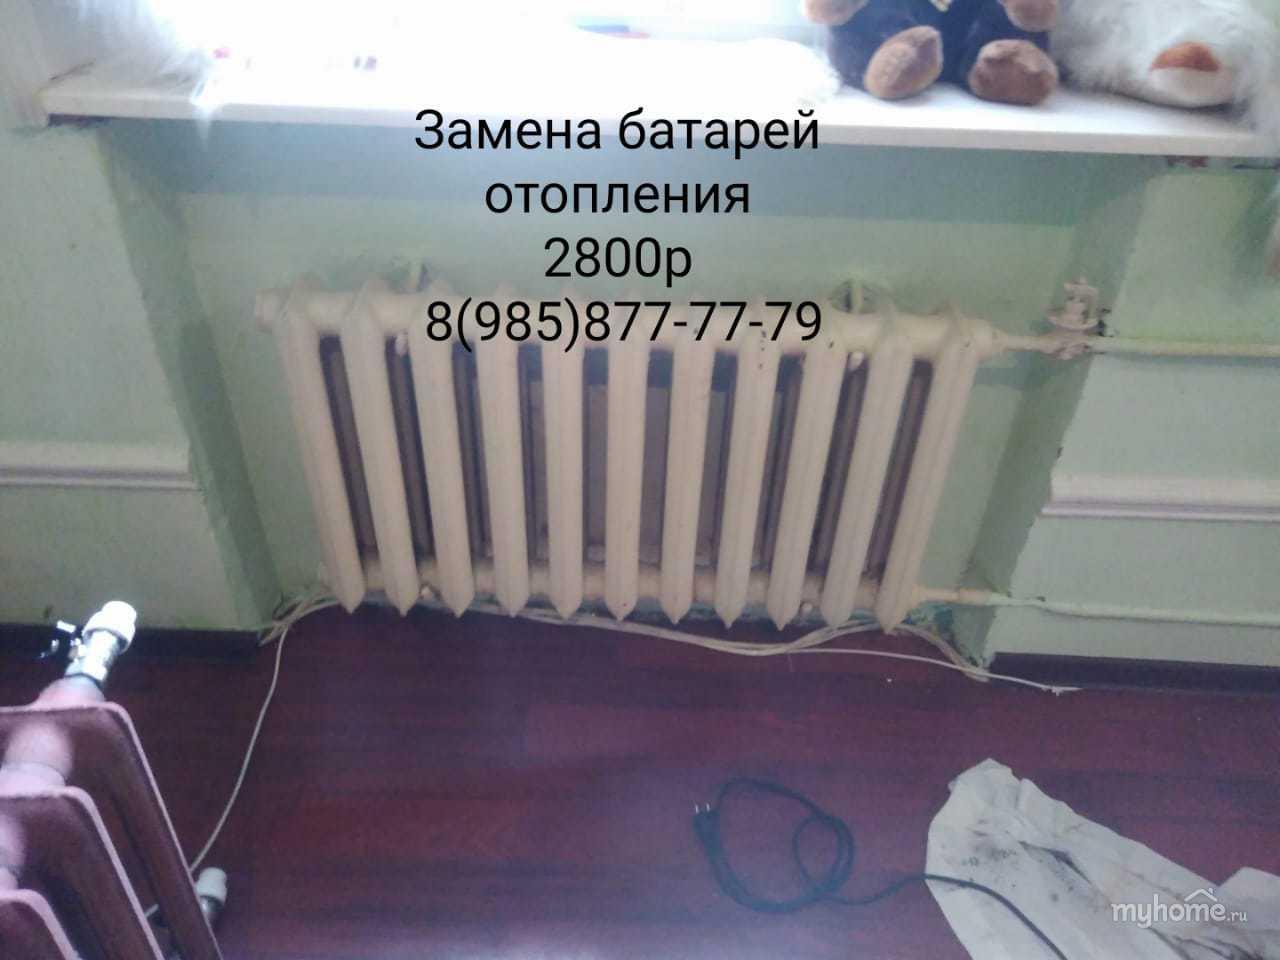 Замена радиаторов отопления: руководство по демонтажу старых батарей и установке новых приборов